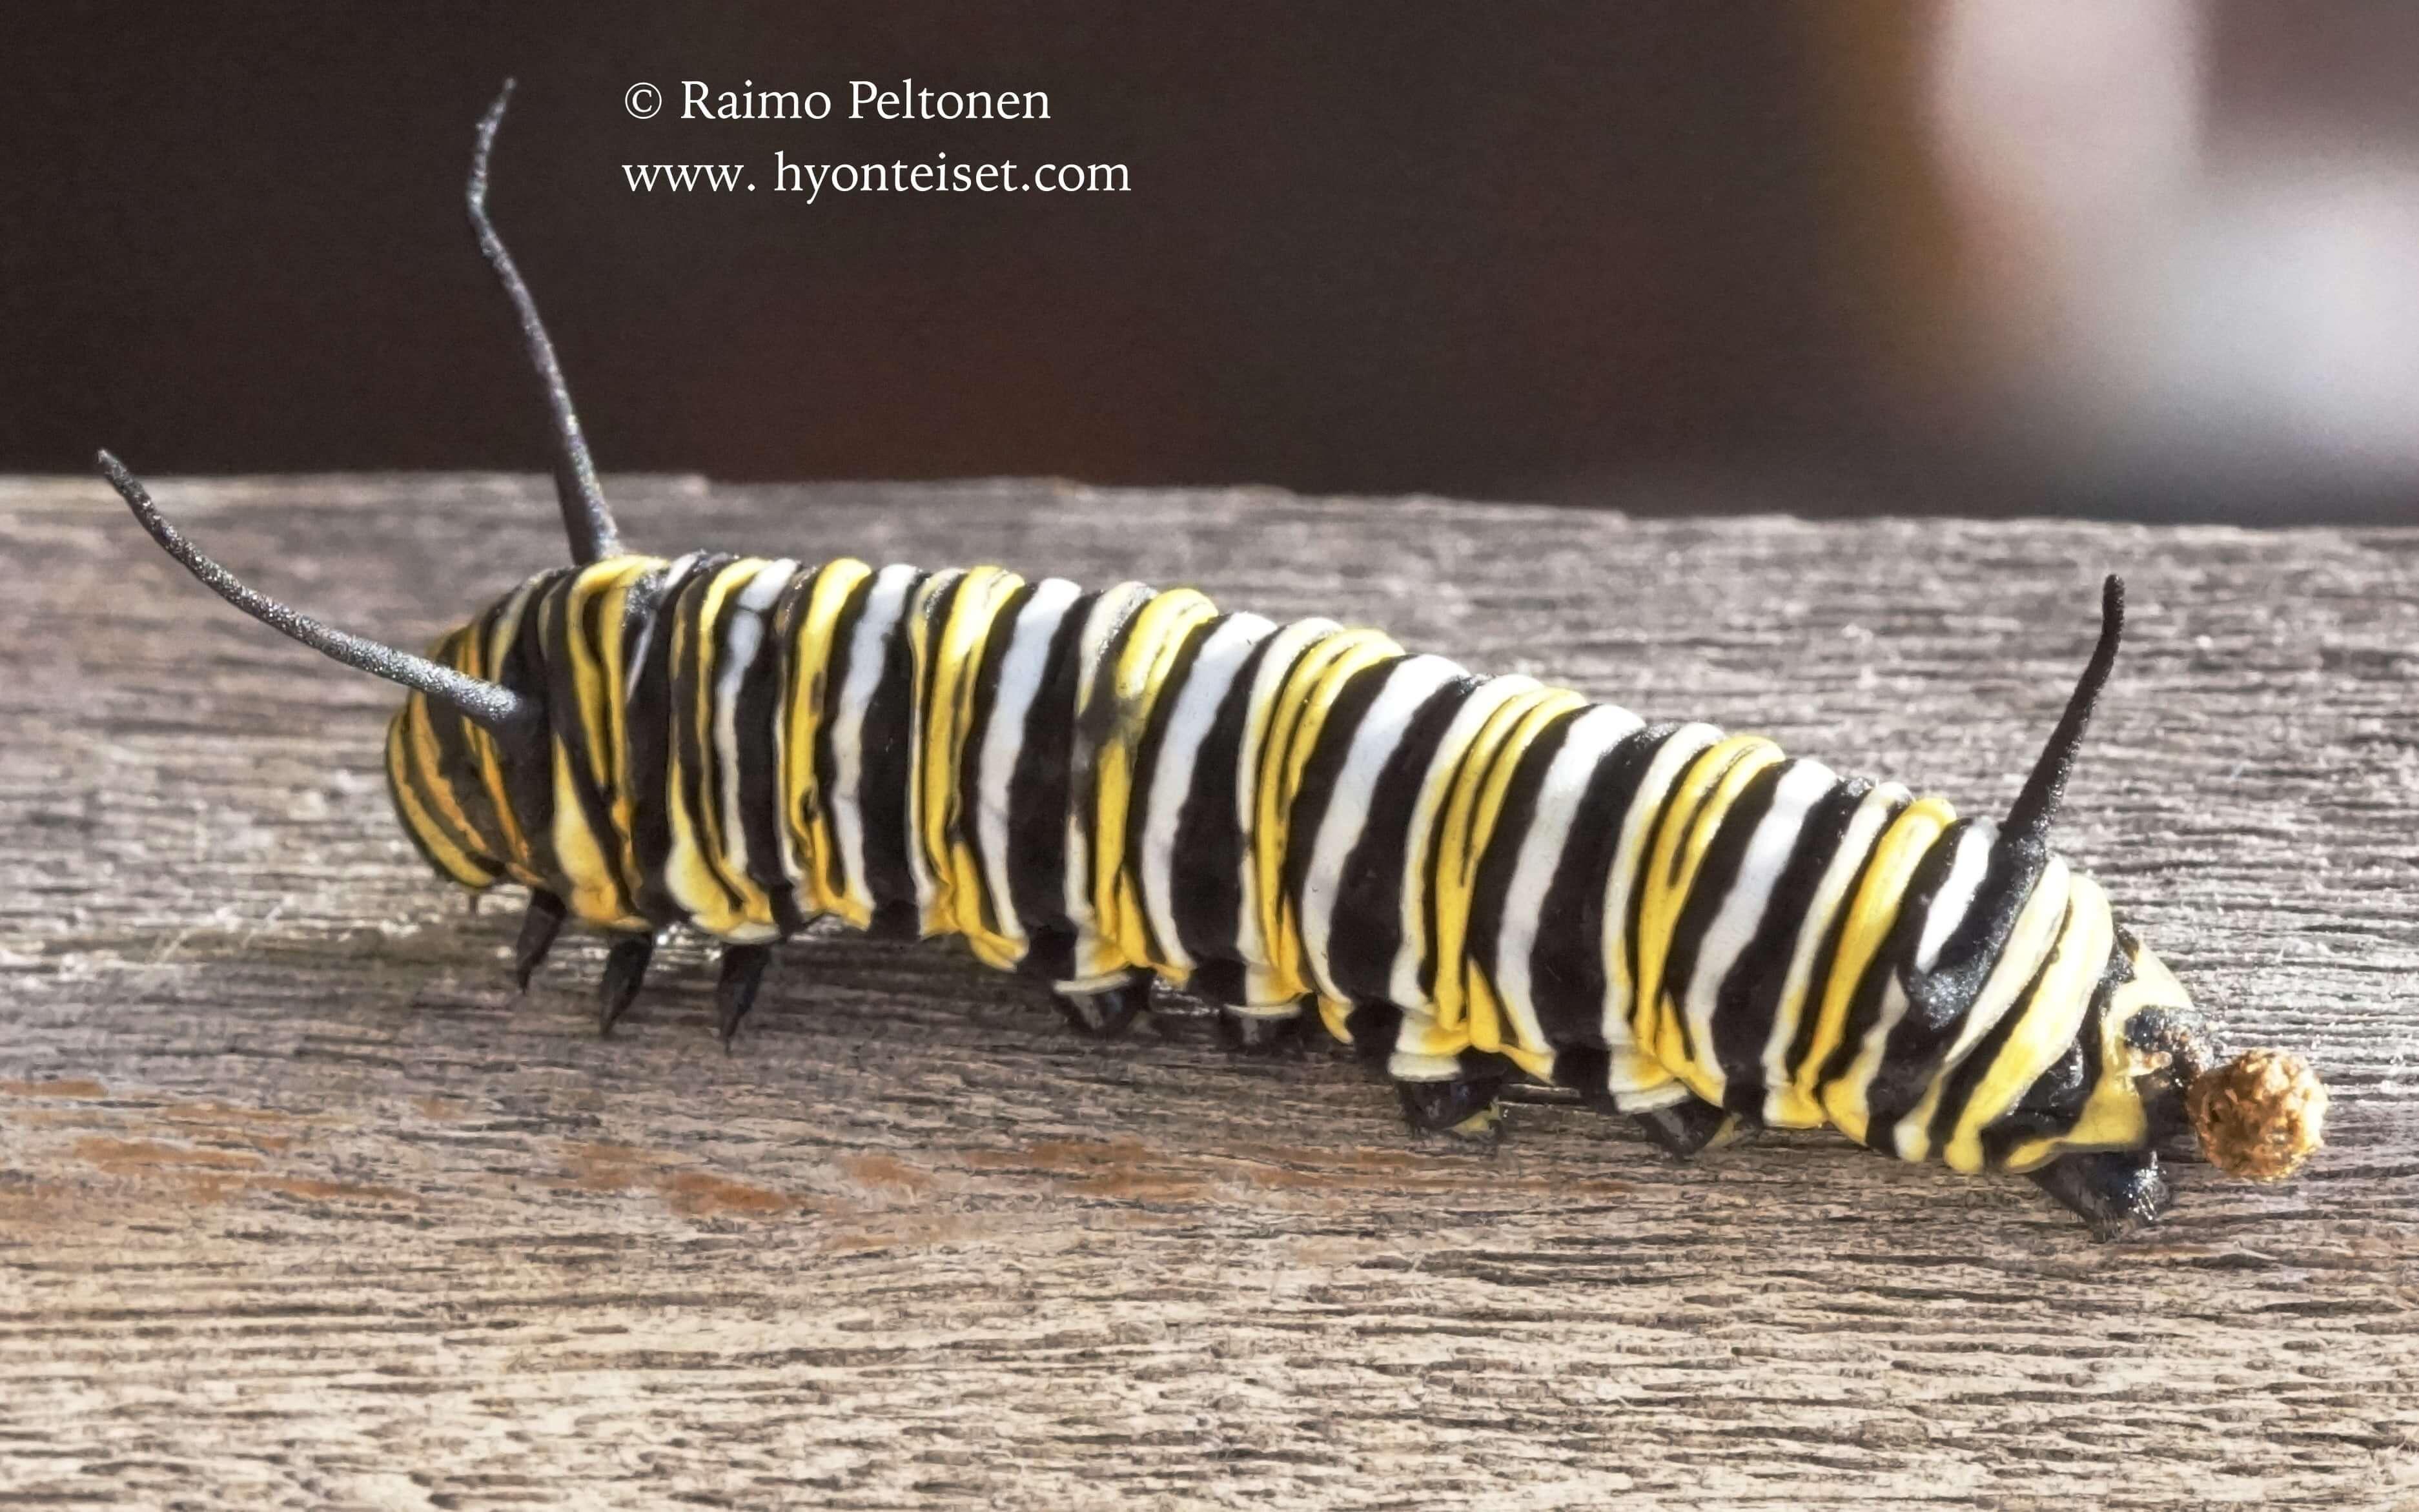 Danaus plexippus-monarkki, toukka (det. Tony Irwin), 19.4.2016 MADEIRA